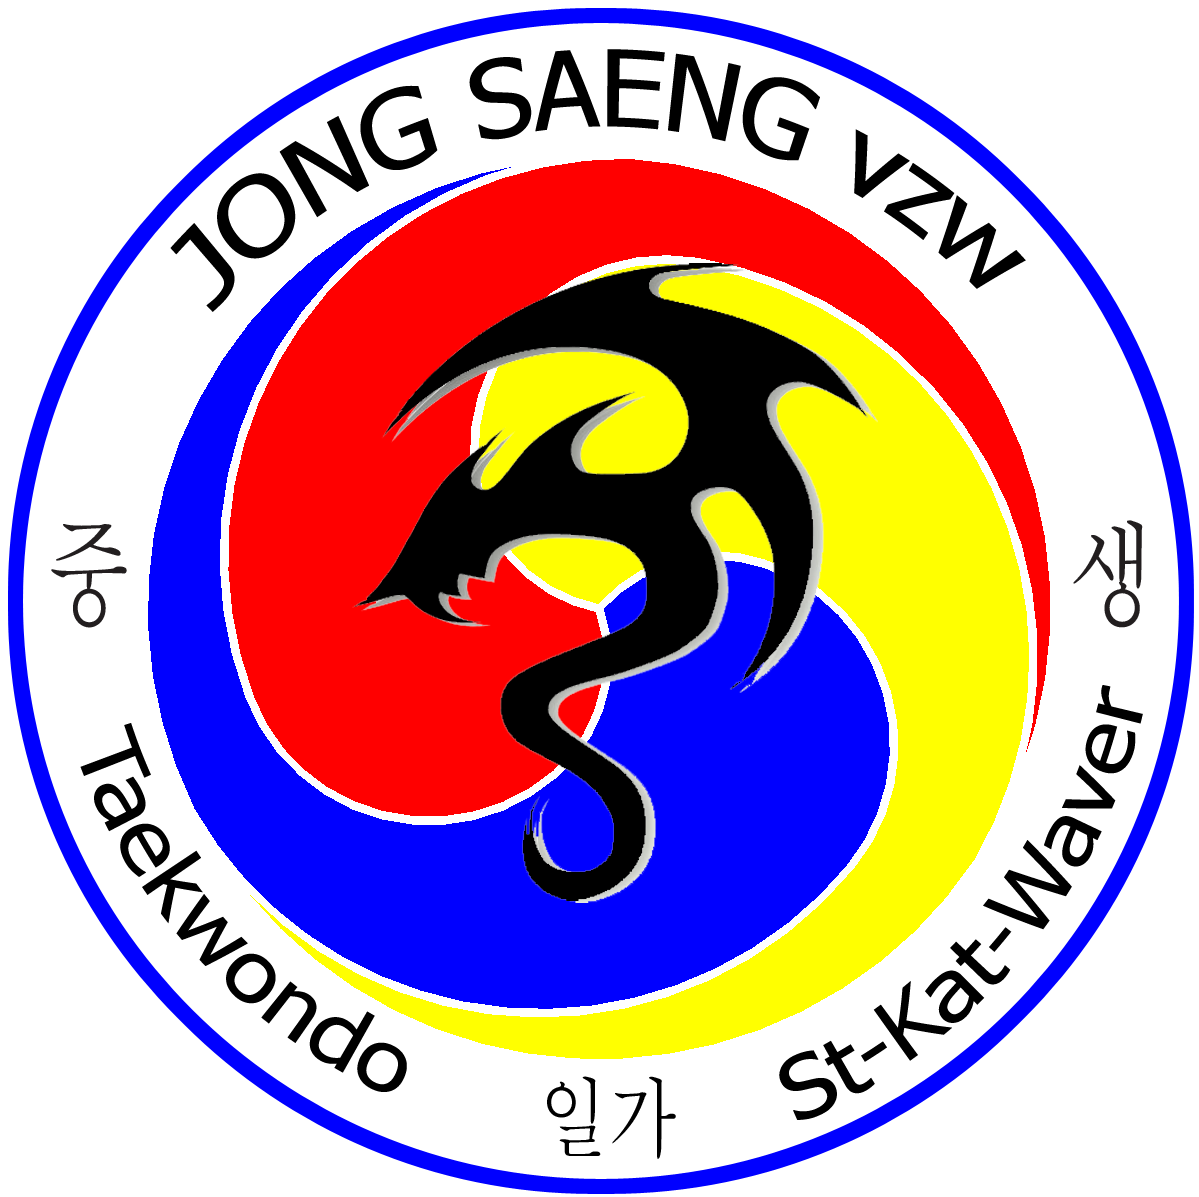 JongSaeng-Logo_v2